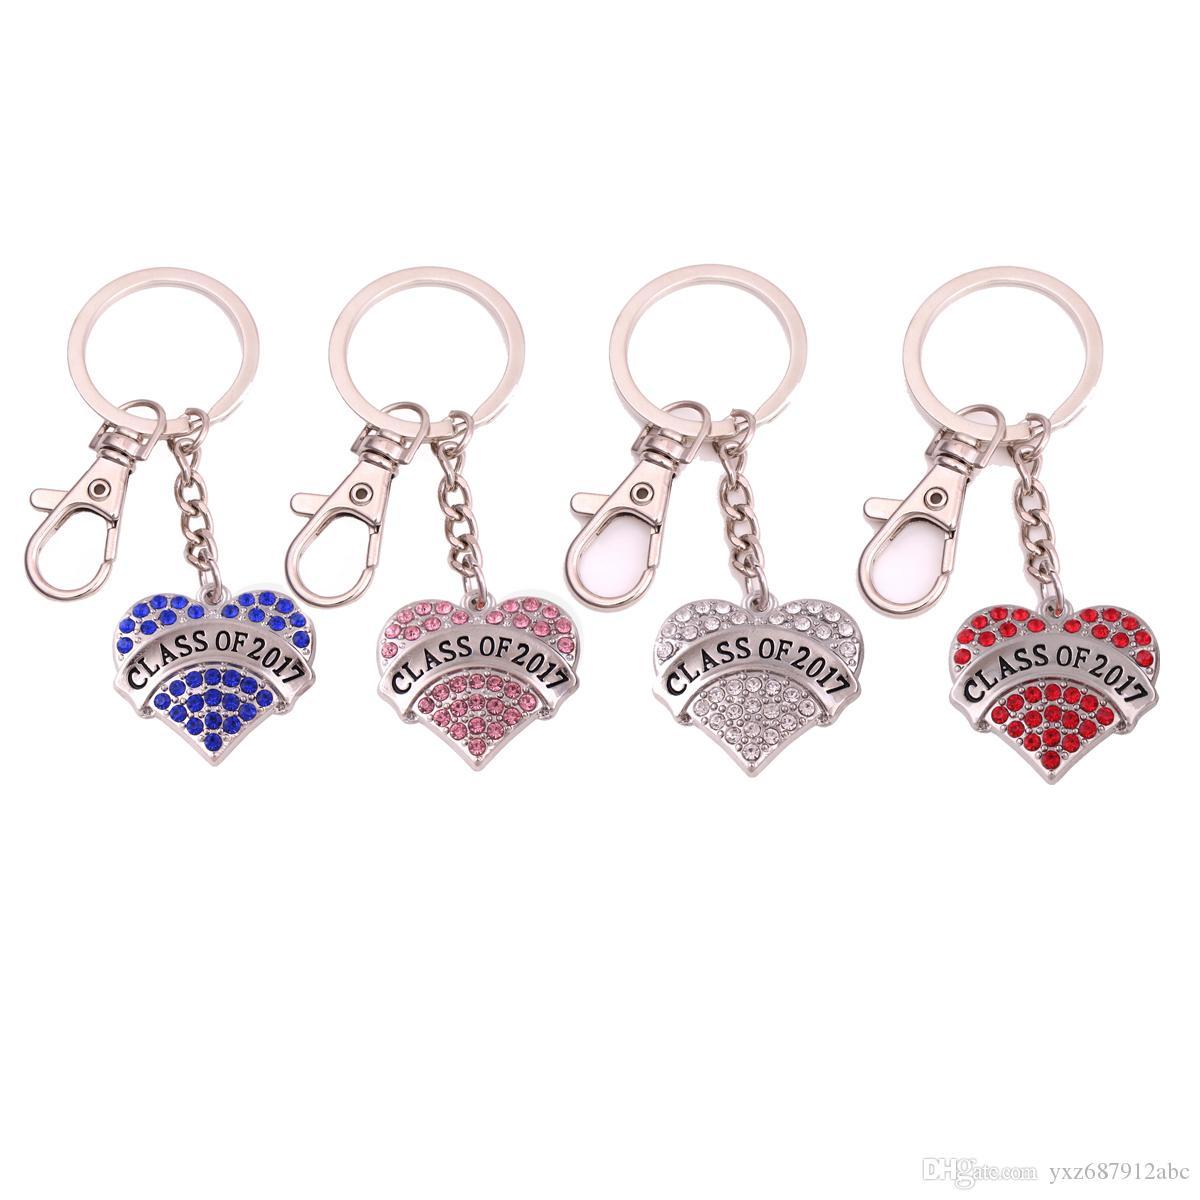 Moda portachiavi per le donne a forma di cuore cristalli scintillanti Class Of 2017 Charm Pendent Grande regalo di compleanno Drop Shipping